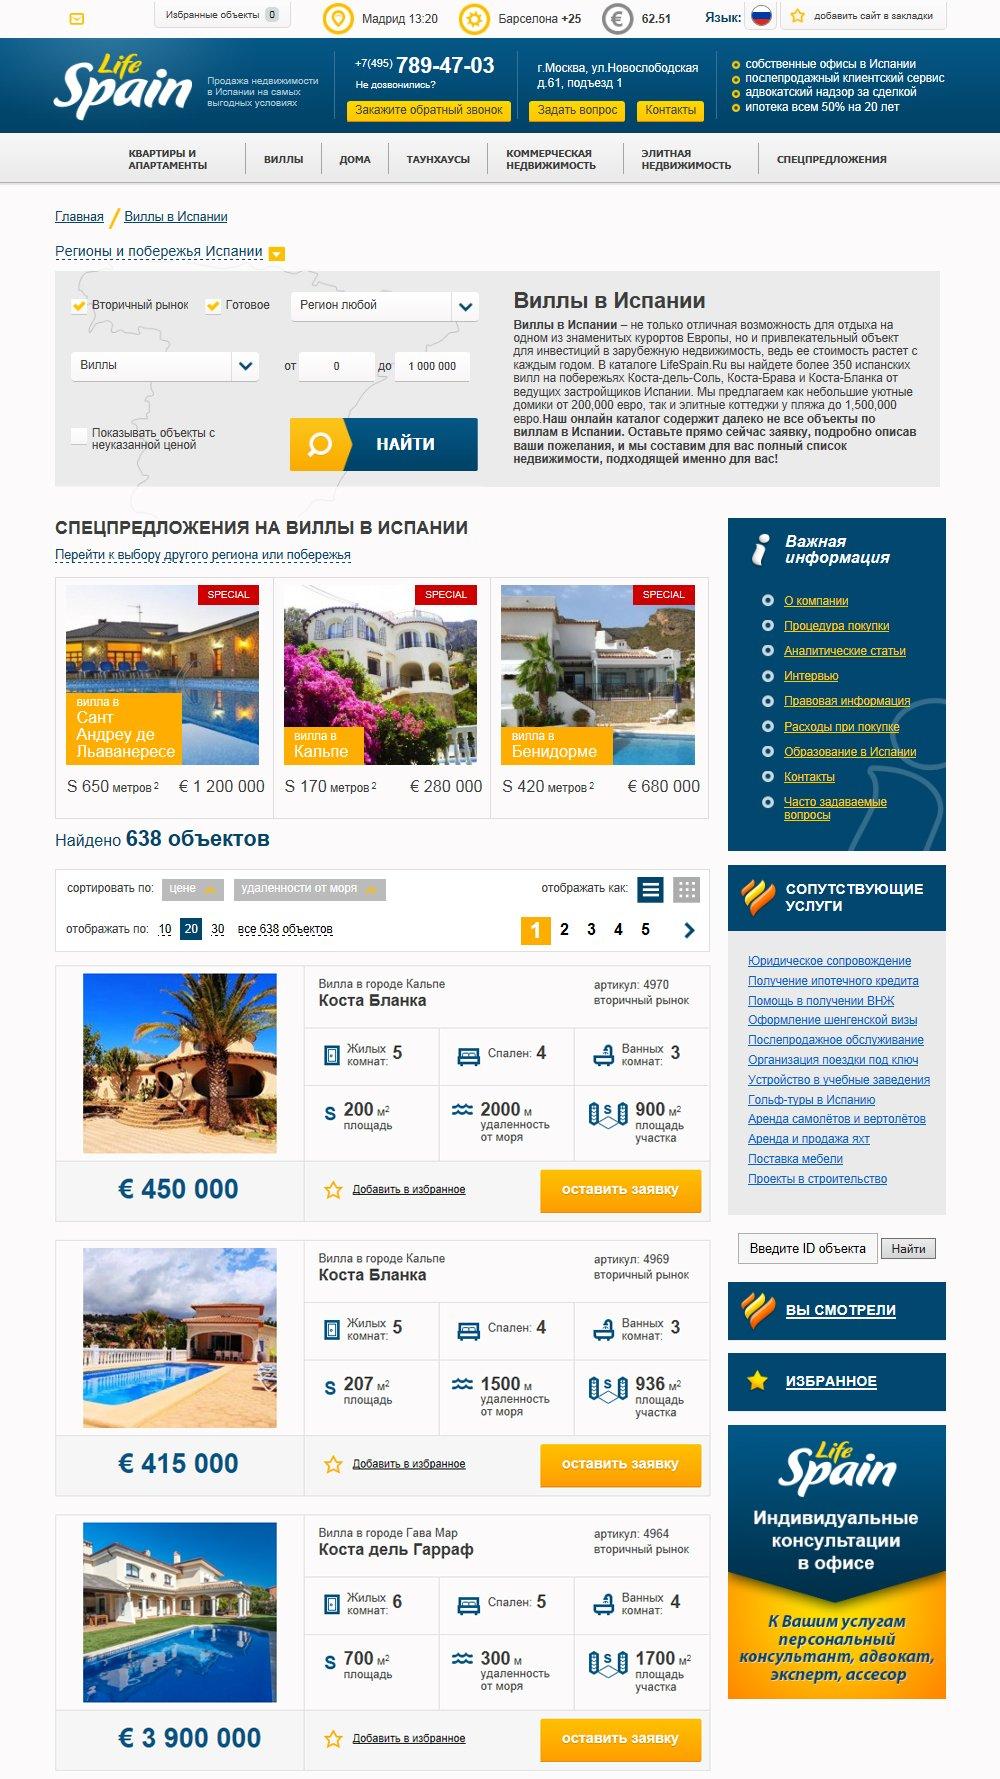 Каталог объектов на сайте агентства недвижимости LifeSpain.ru